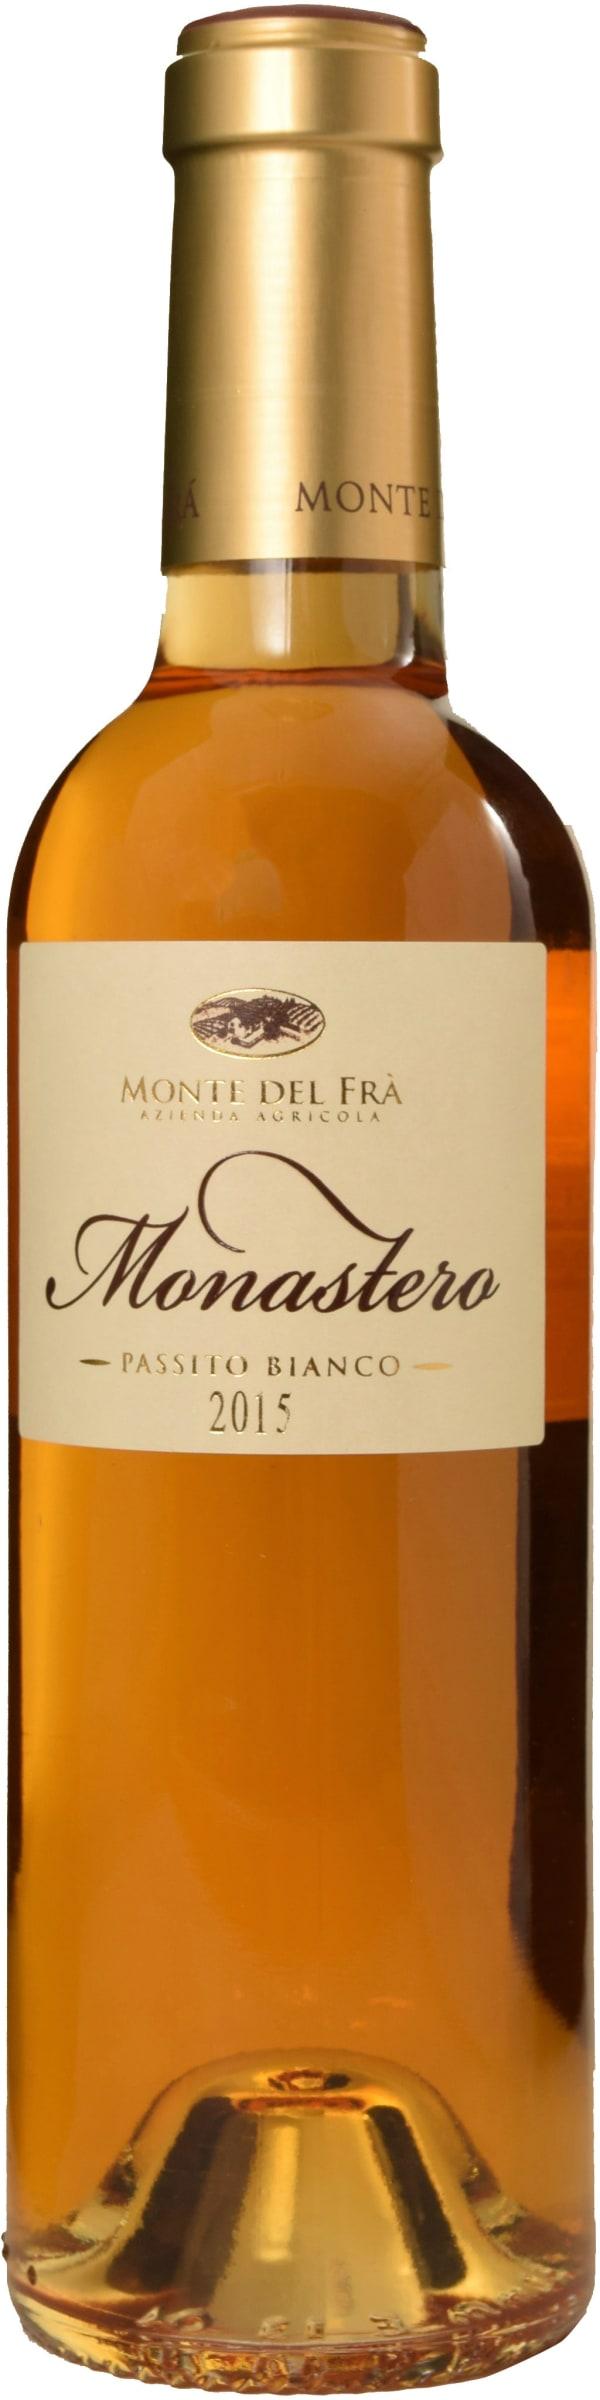 Monte Del Frá Monastero Passito Bianco 2014